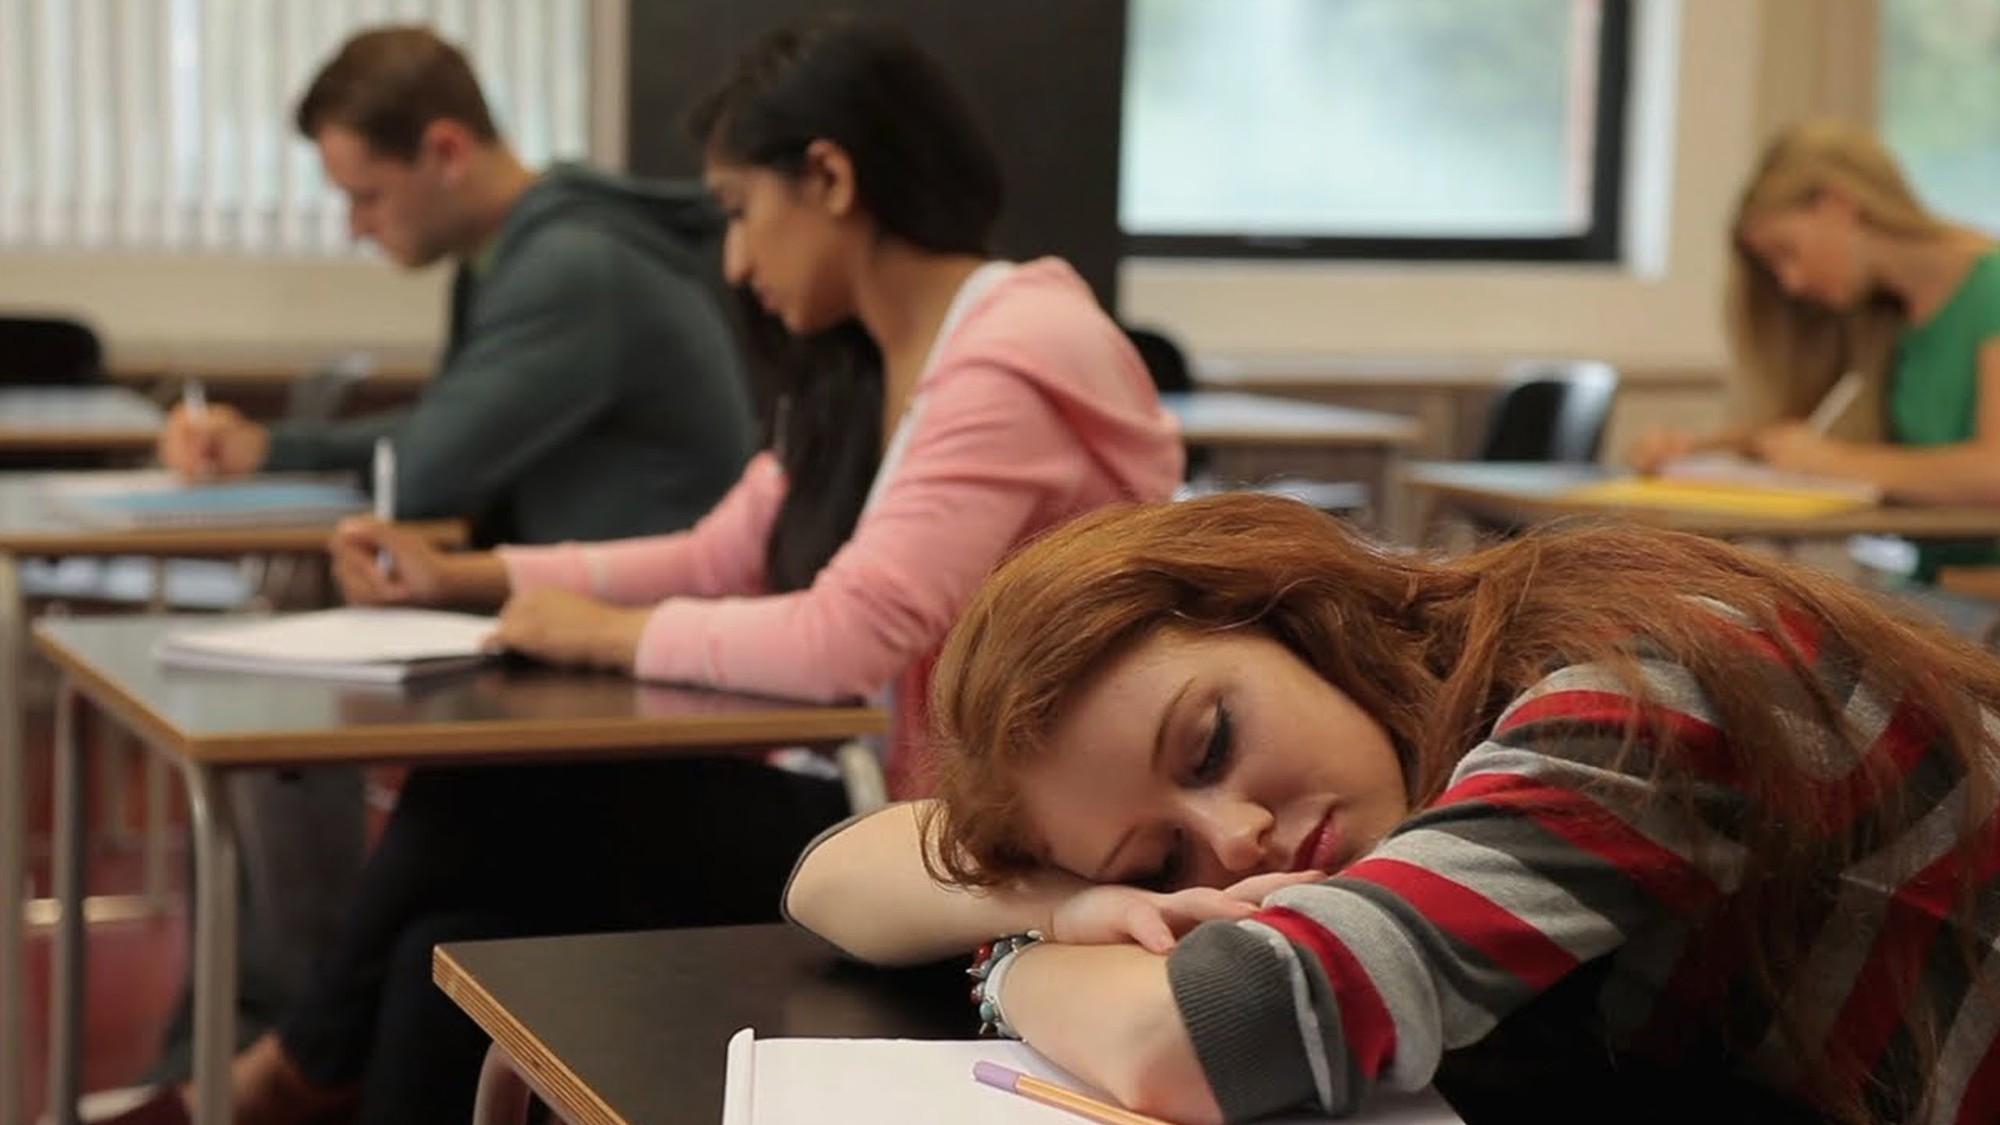 sai lầm sinh viên năm nhất dễ dãi với bản thân